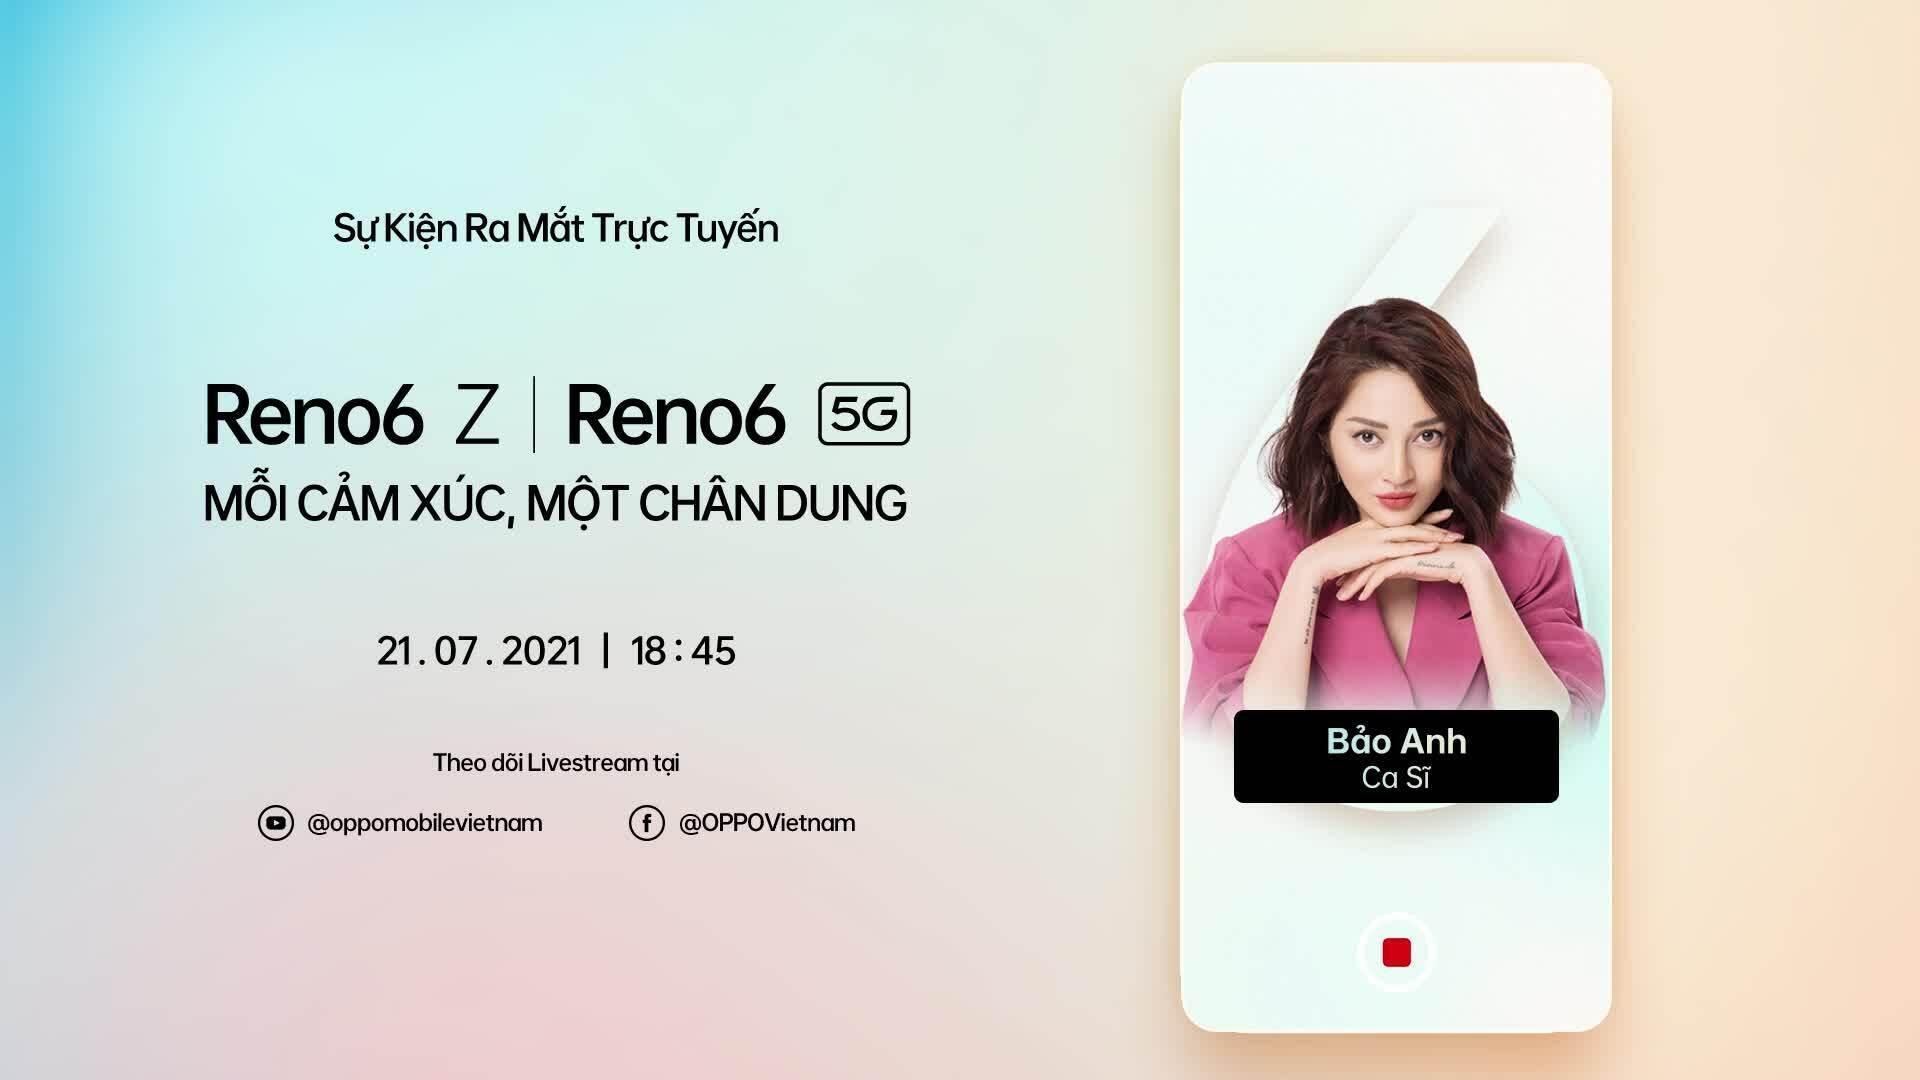 Oppo Reno6 Z ra mắt trực tuyến vào tối 21/7